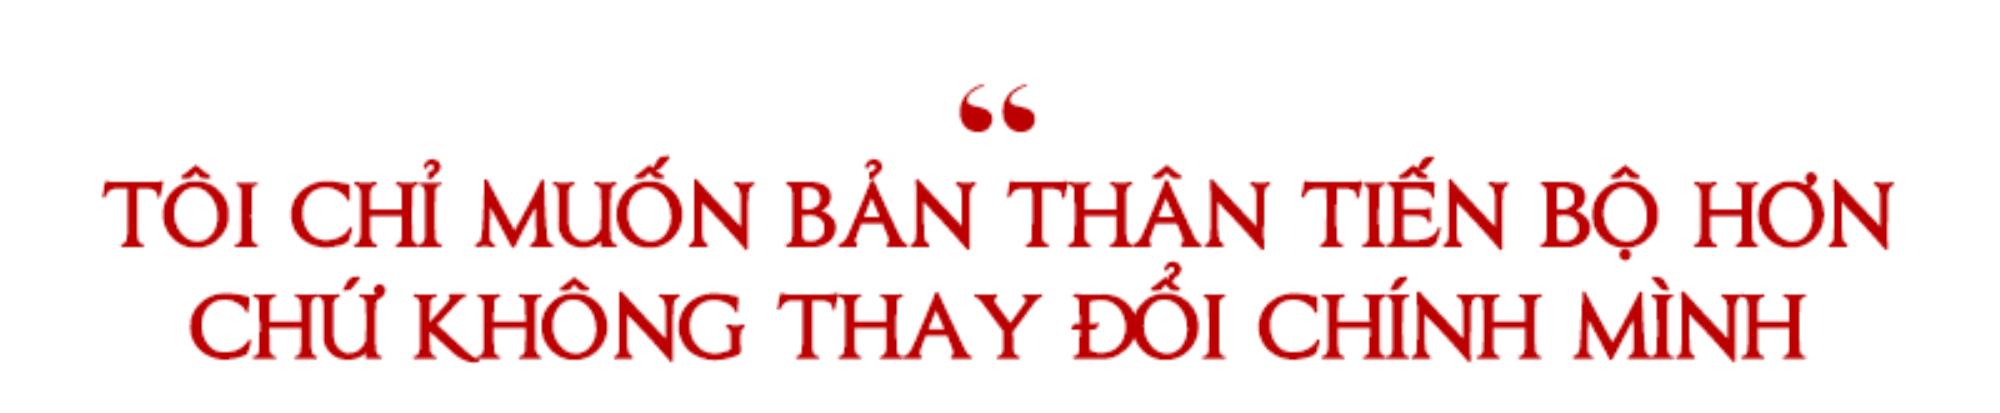 Hoa hậu Việt Nam Đỗ Thị Hà: 'Nếu có một điều ước, tôi chỉ mong bố ngủ ngon và bớt lo lắng cho tôi' Ảnh 6